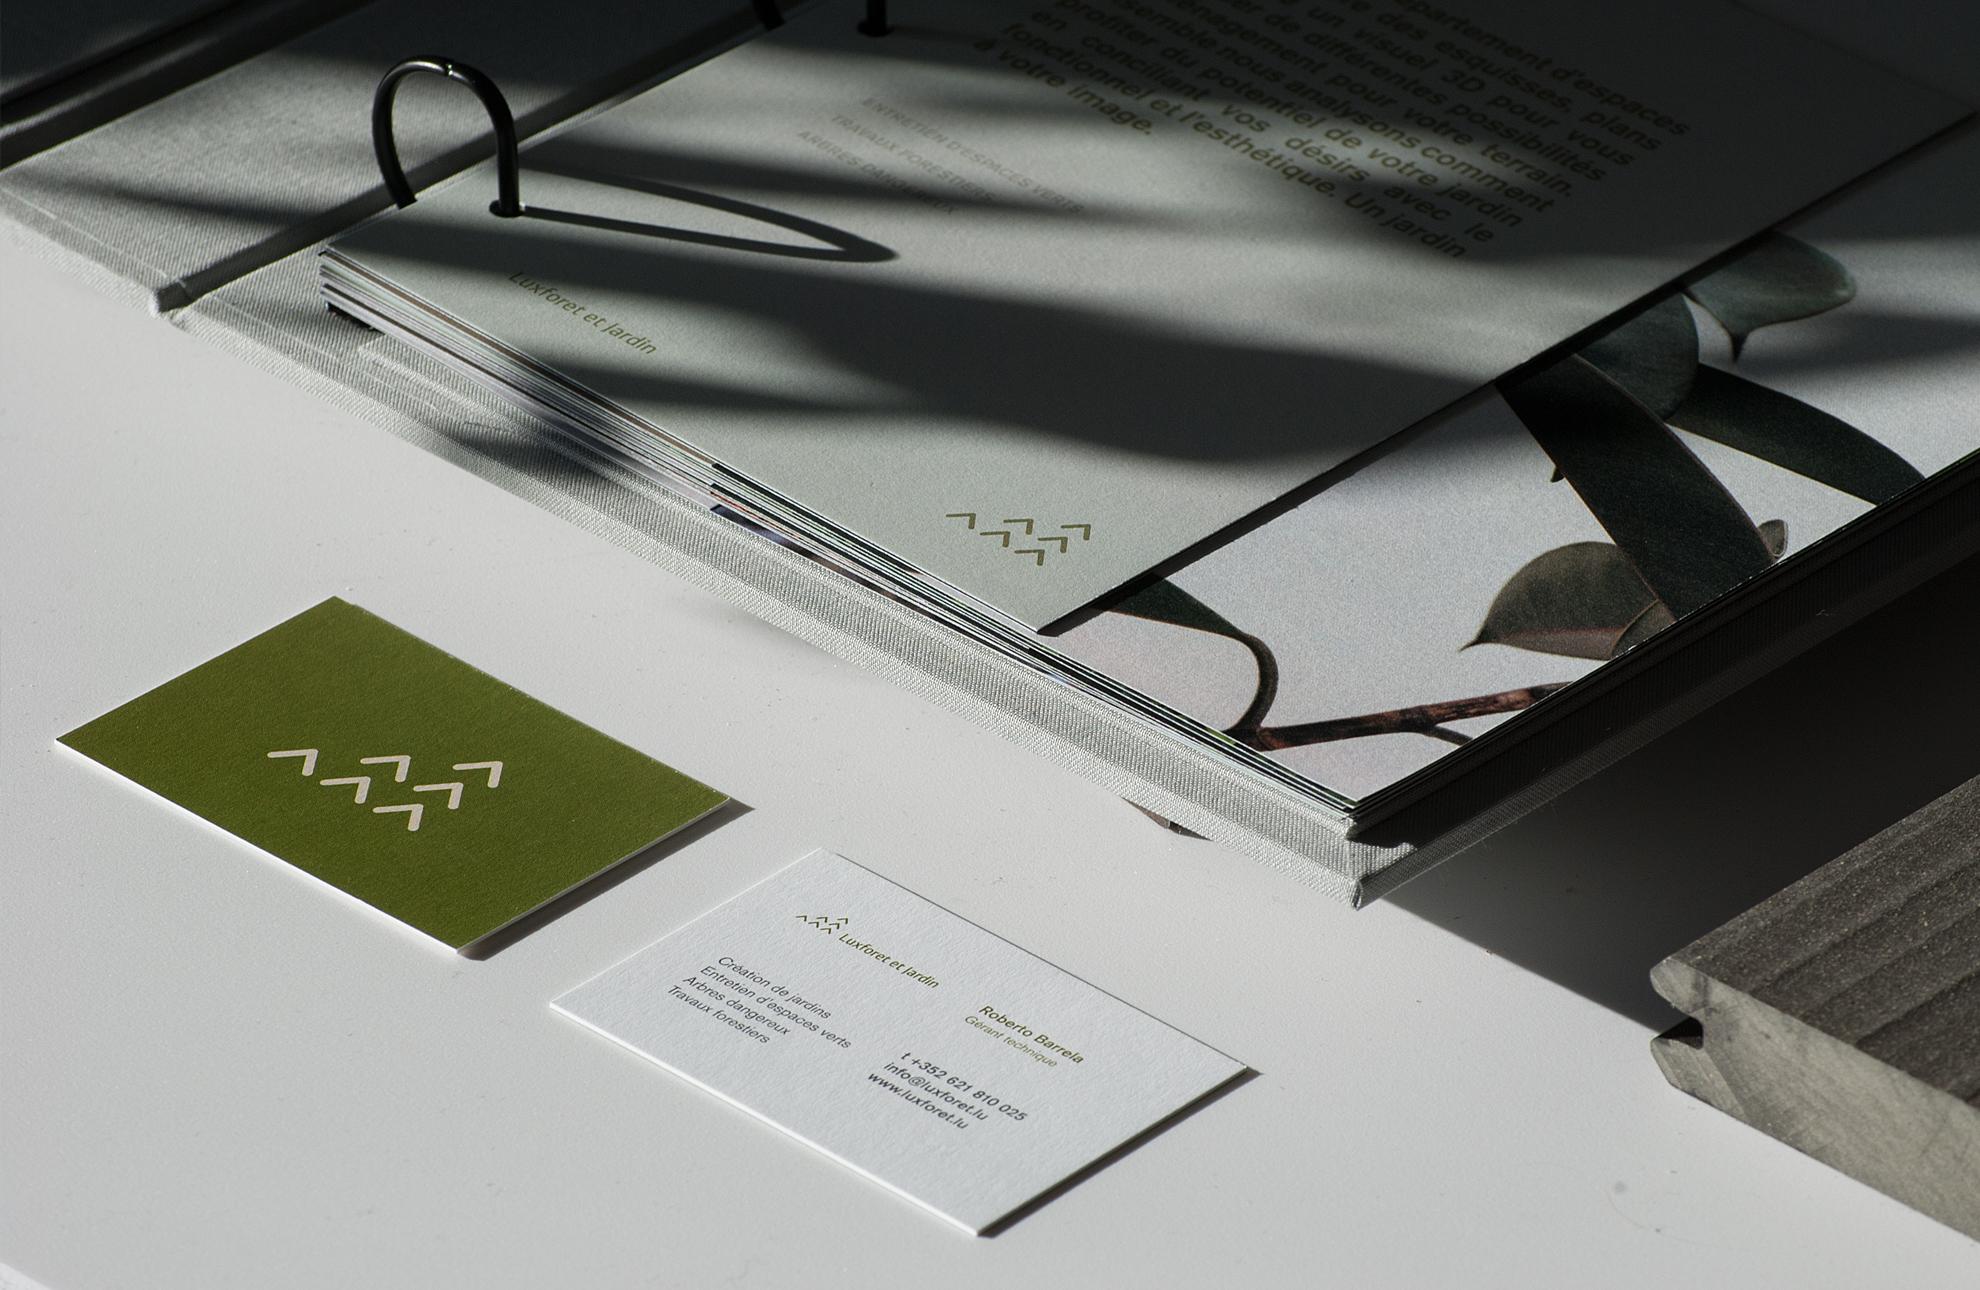 Luxforet et Jardin - identité visuelle, cartes de visite, editorial design